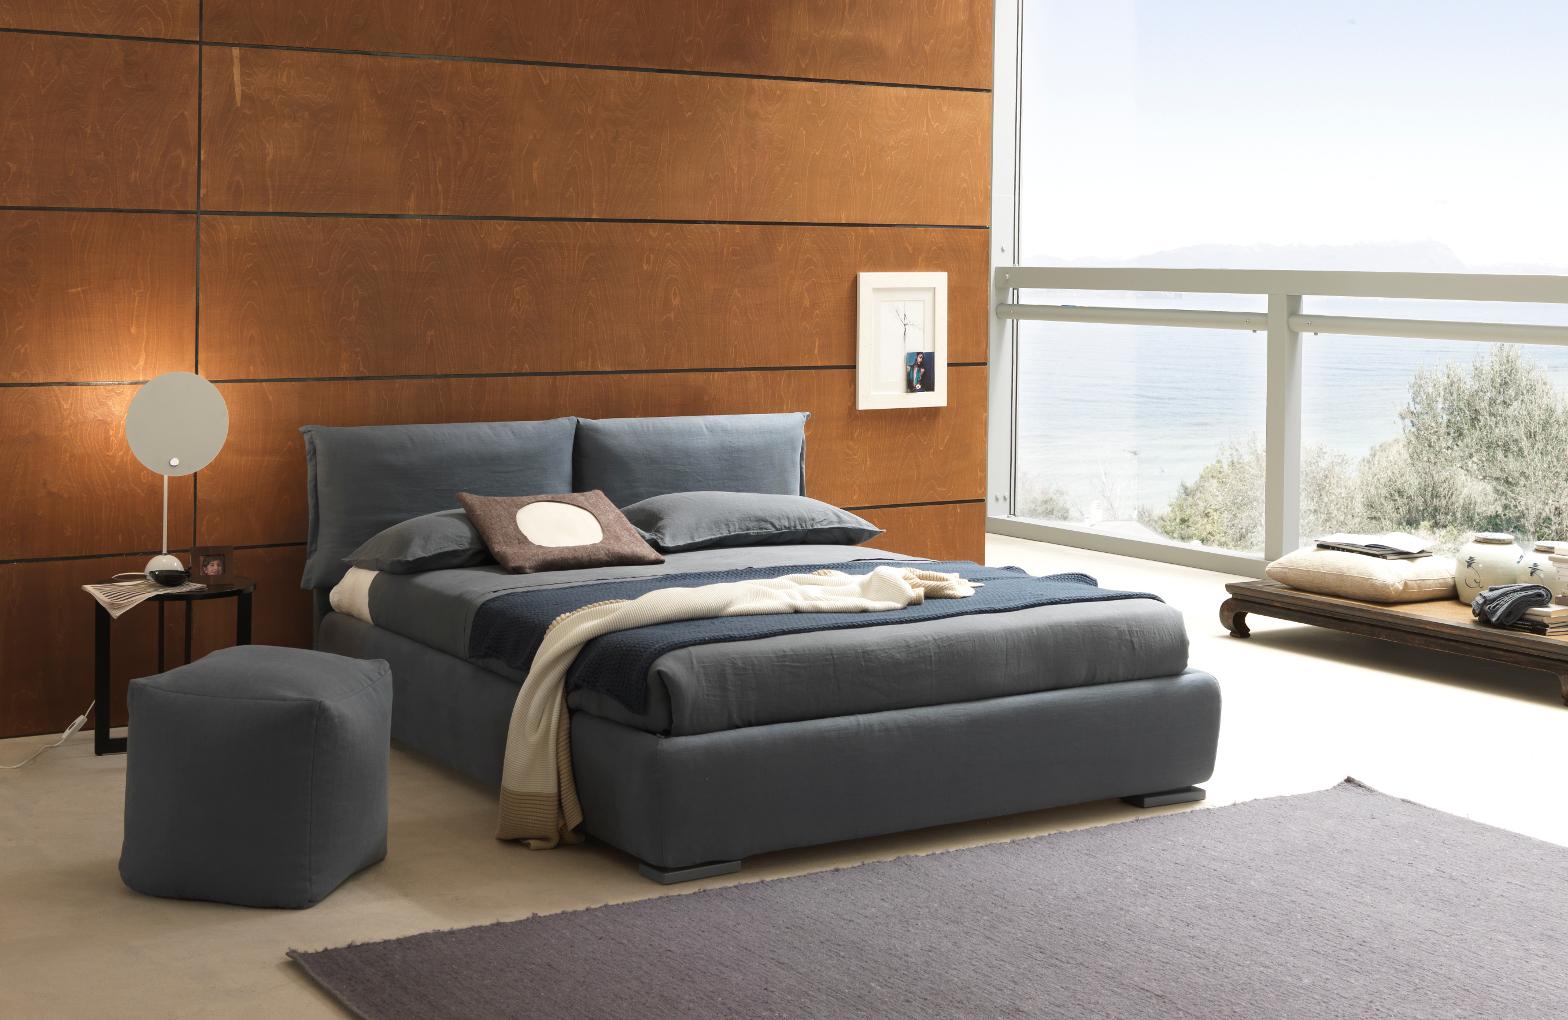 Foto di letti bolzan blu in stanza solare letto moderno for Camera da letto tomasella